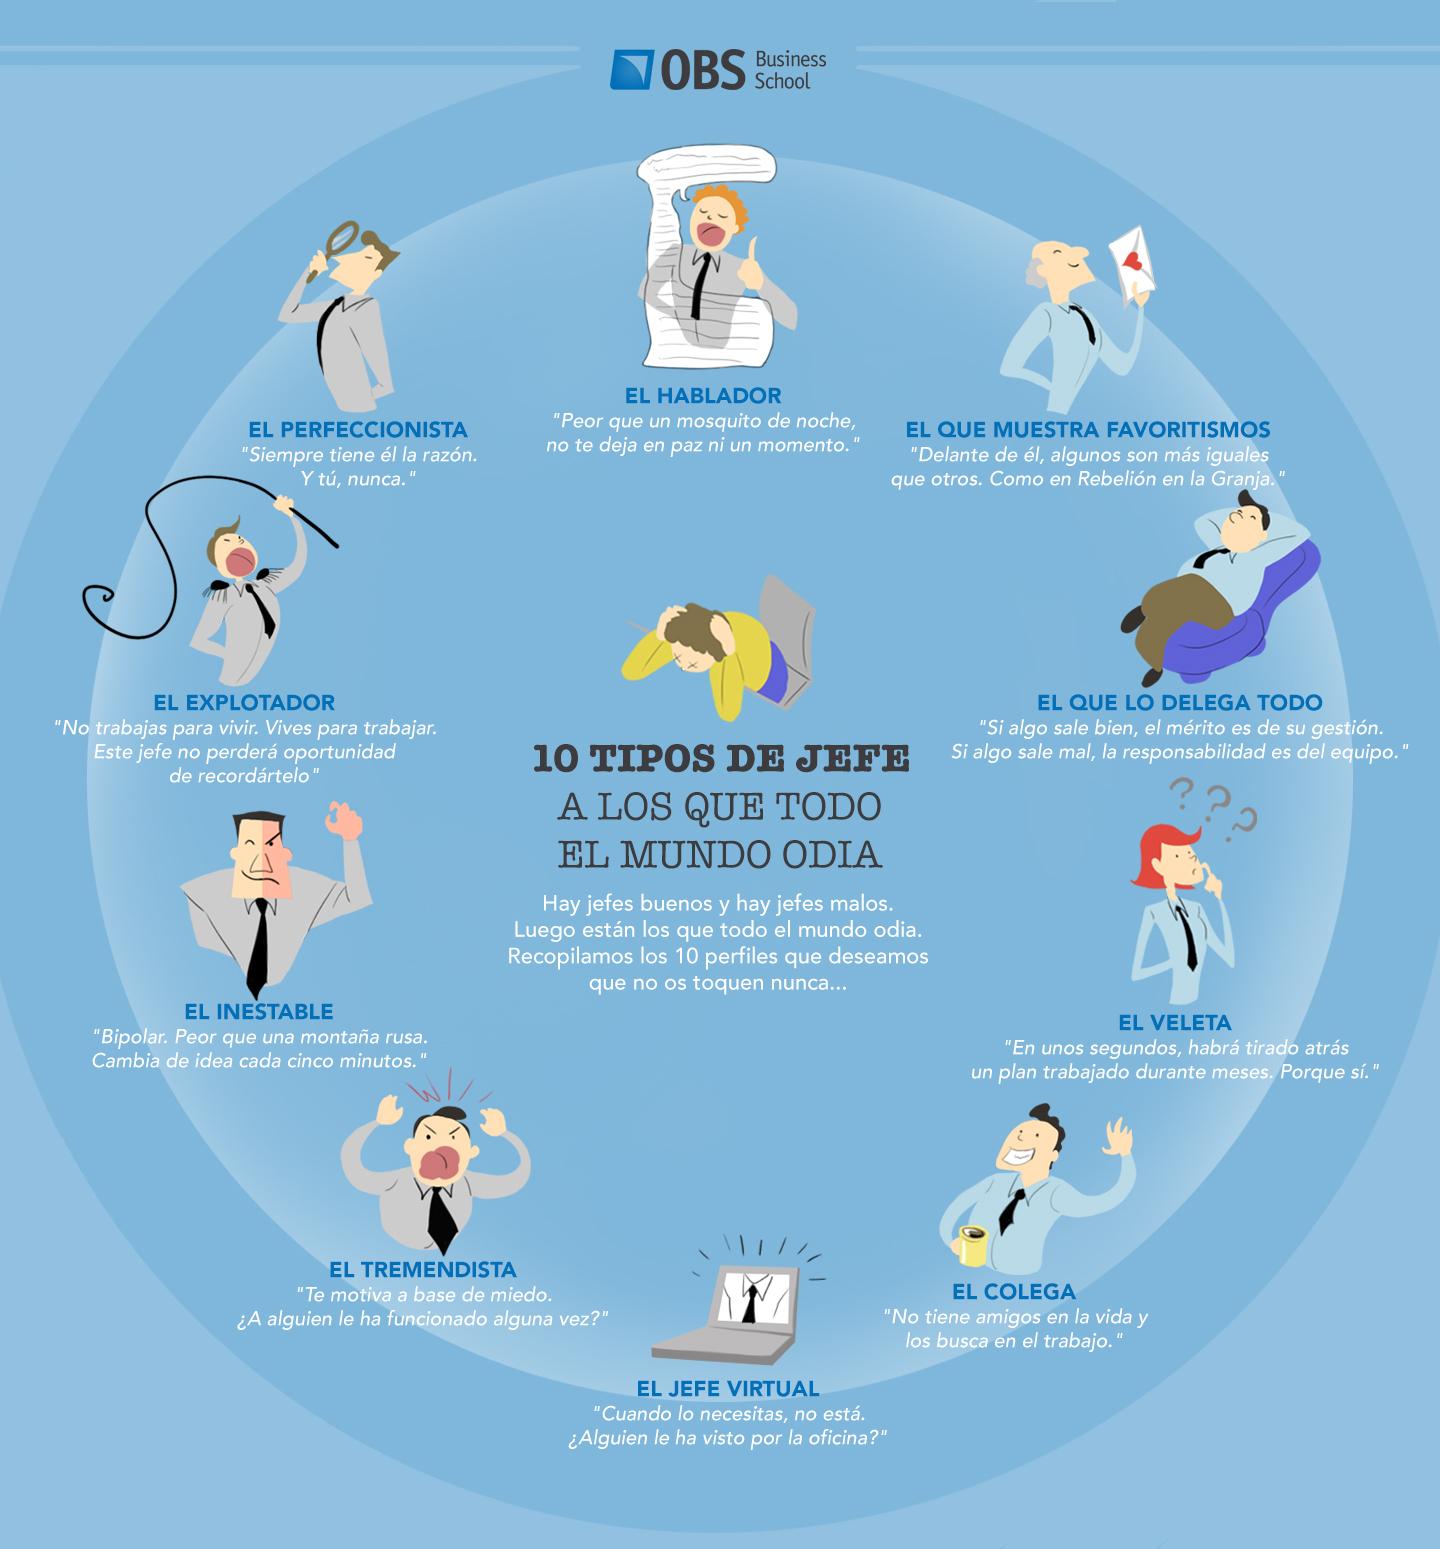 10 tipos de jefes que todo el mundo odia #infografia #infographic #rrhh